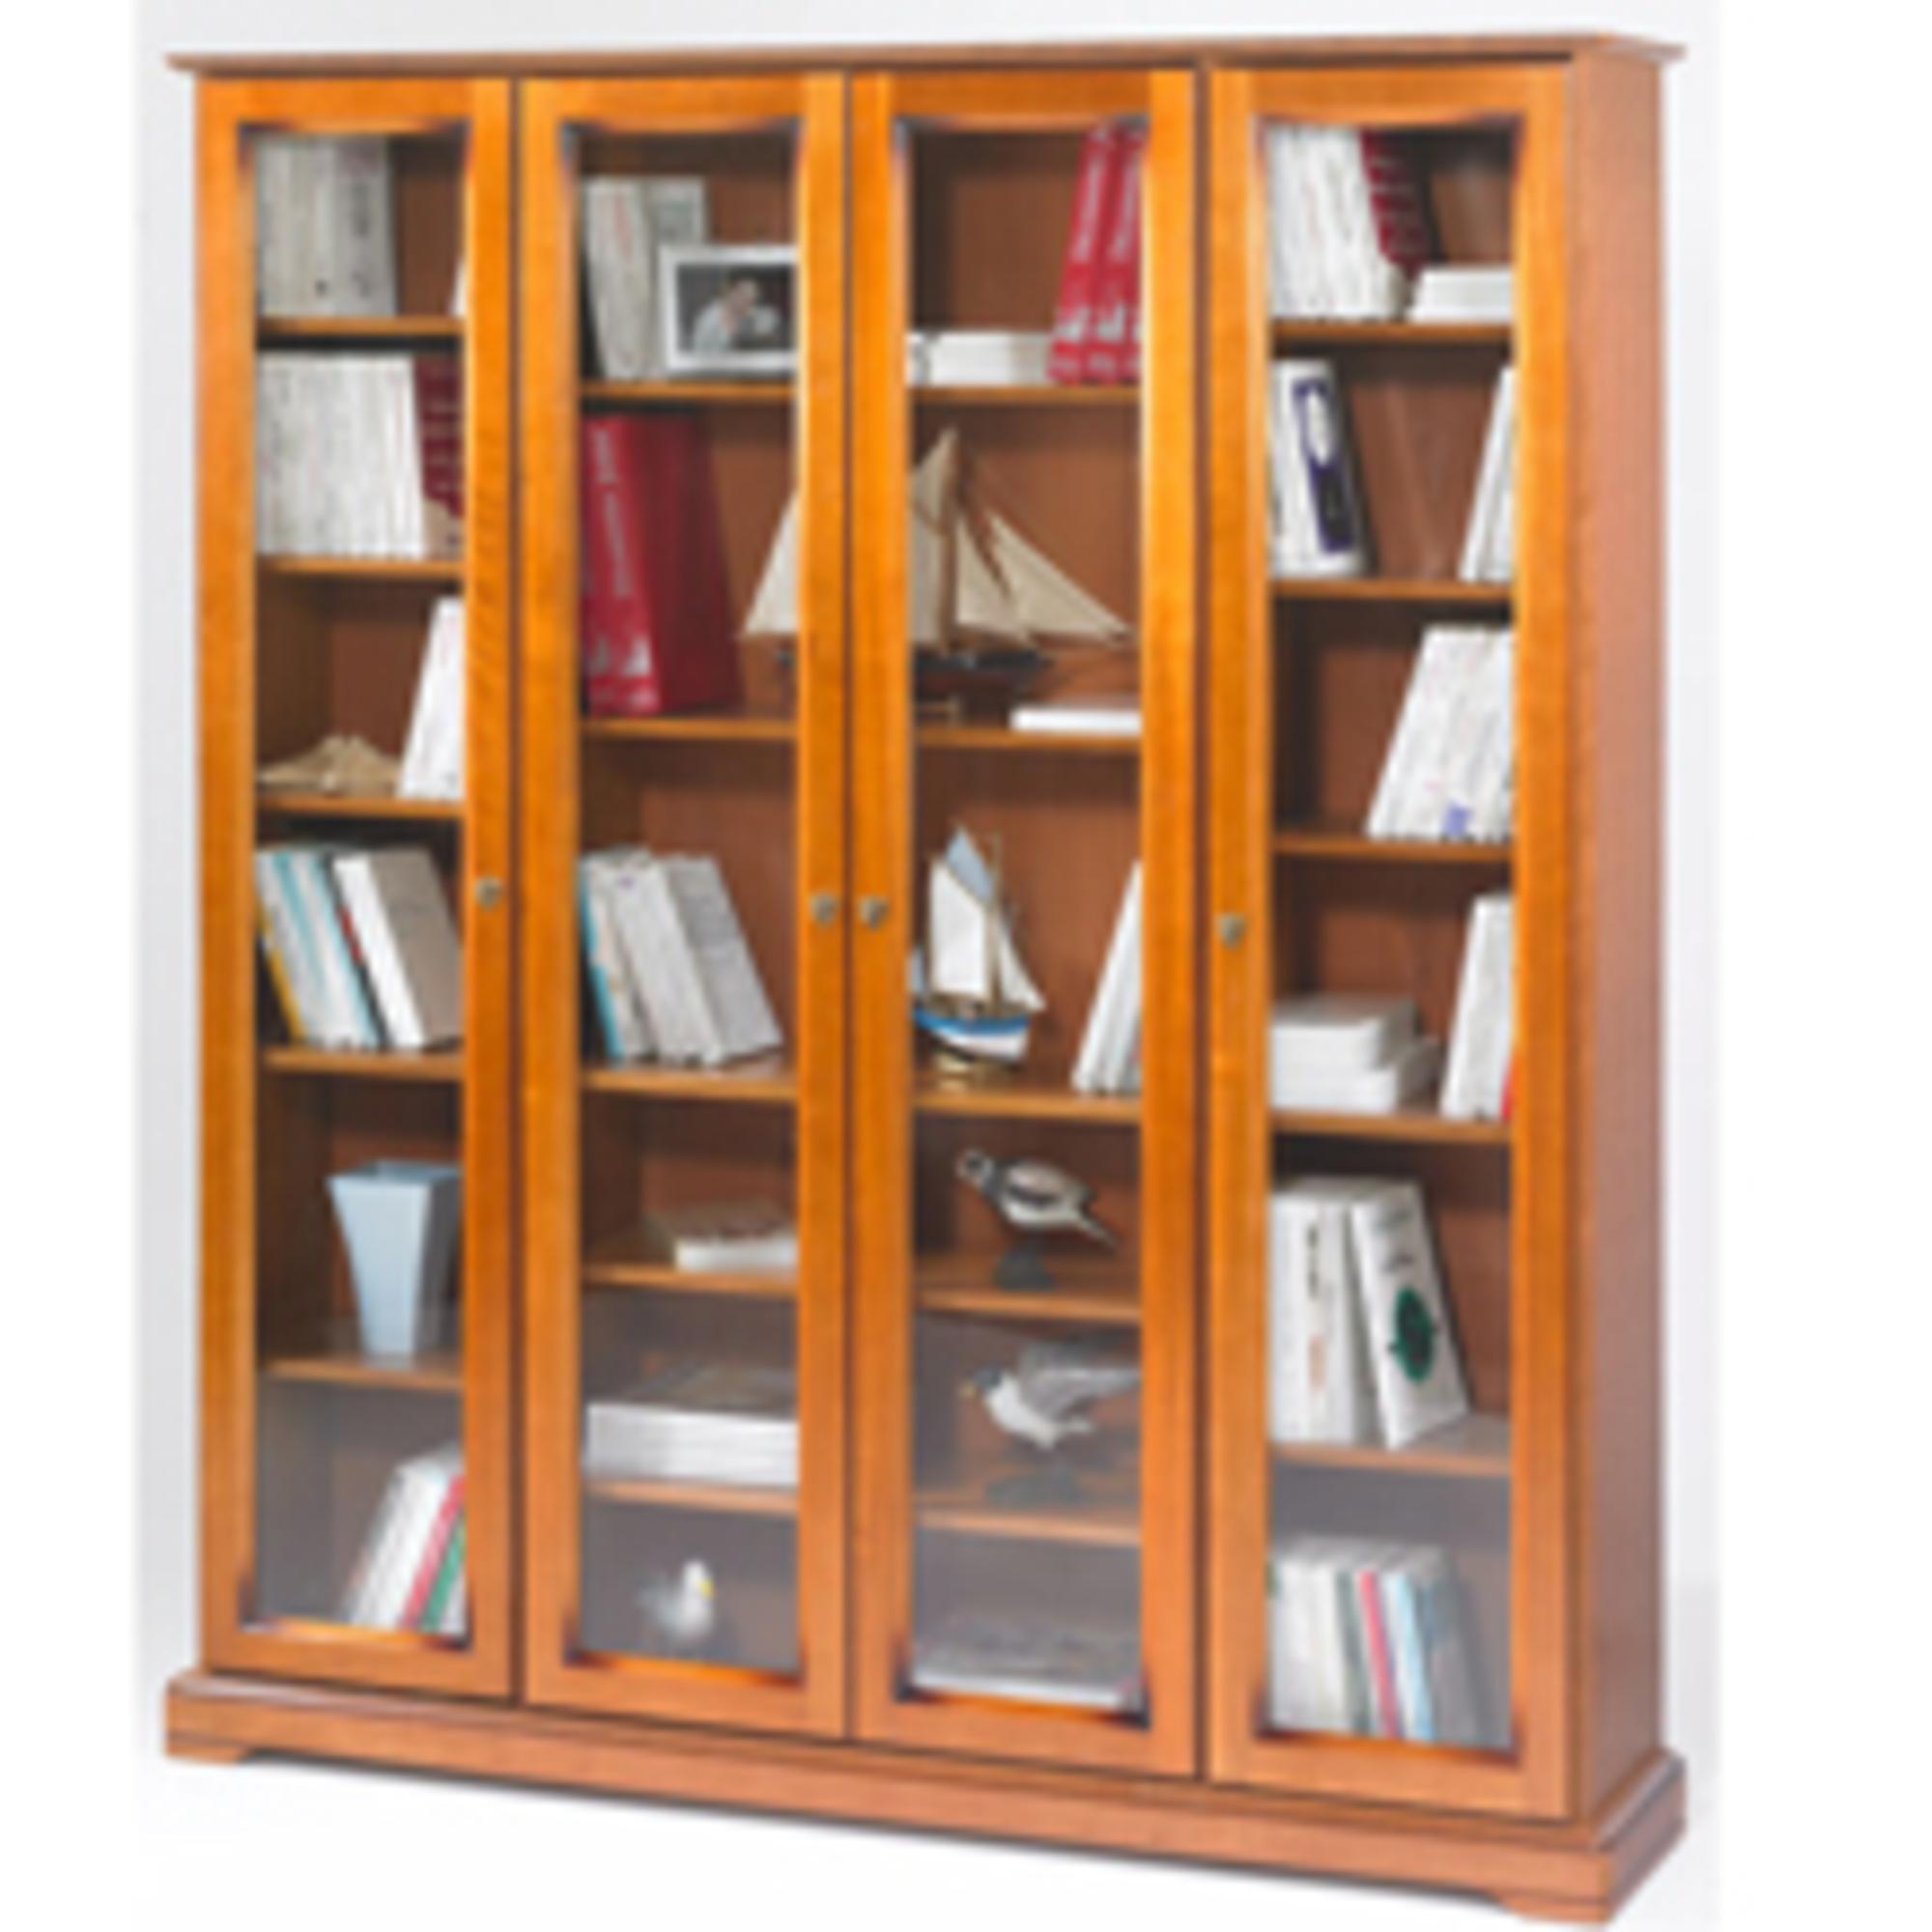 Biblioth que 4 portes vitr es style louis philippe alsace merisier annive - Prix portes interieures vitrees ...